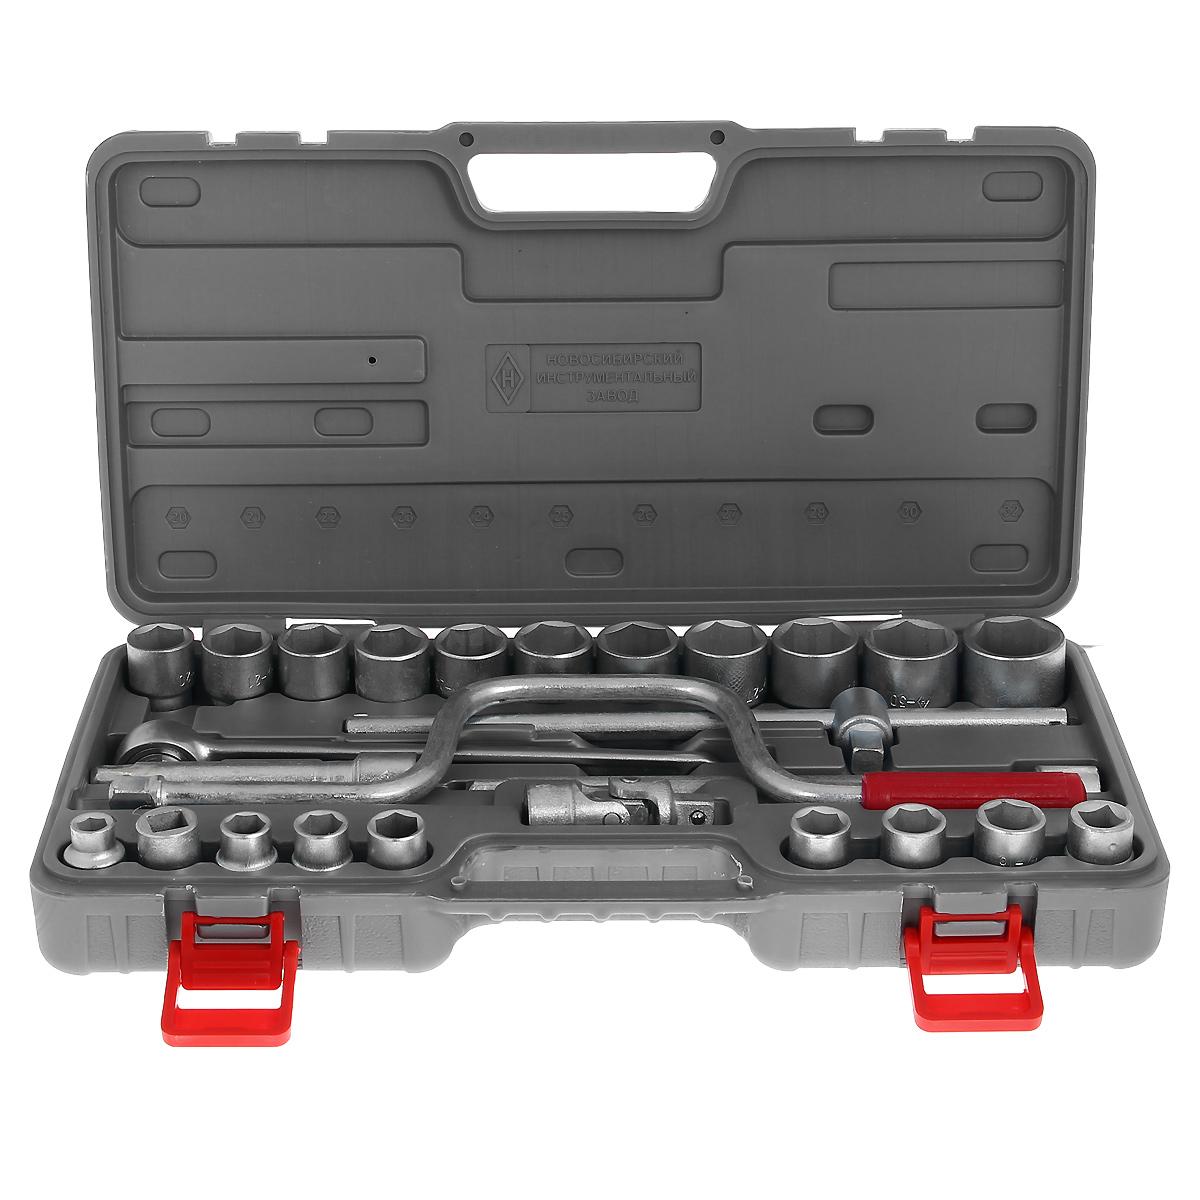 Набор шоферского инструмента № 4а НИЗ, 26 предметов набор шоферского сервис ключ инструмента 1